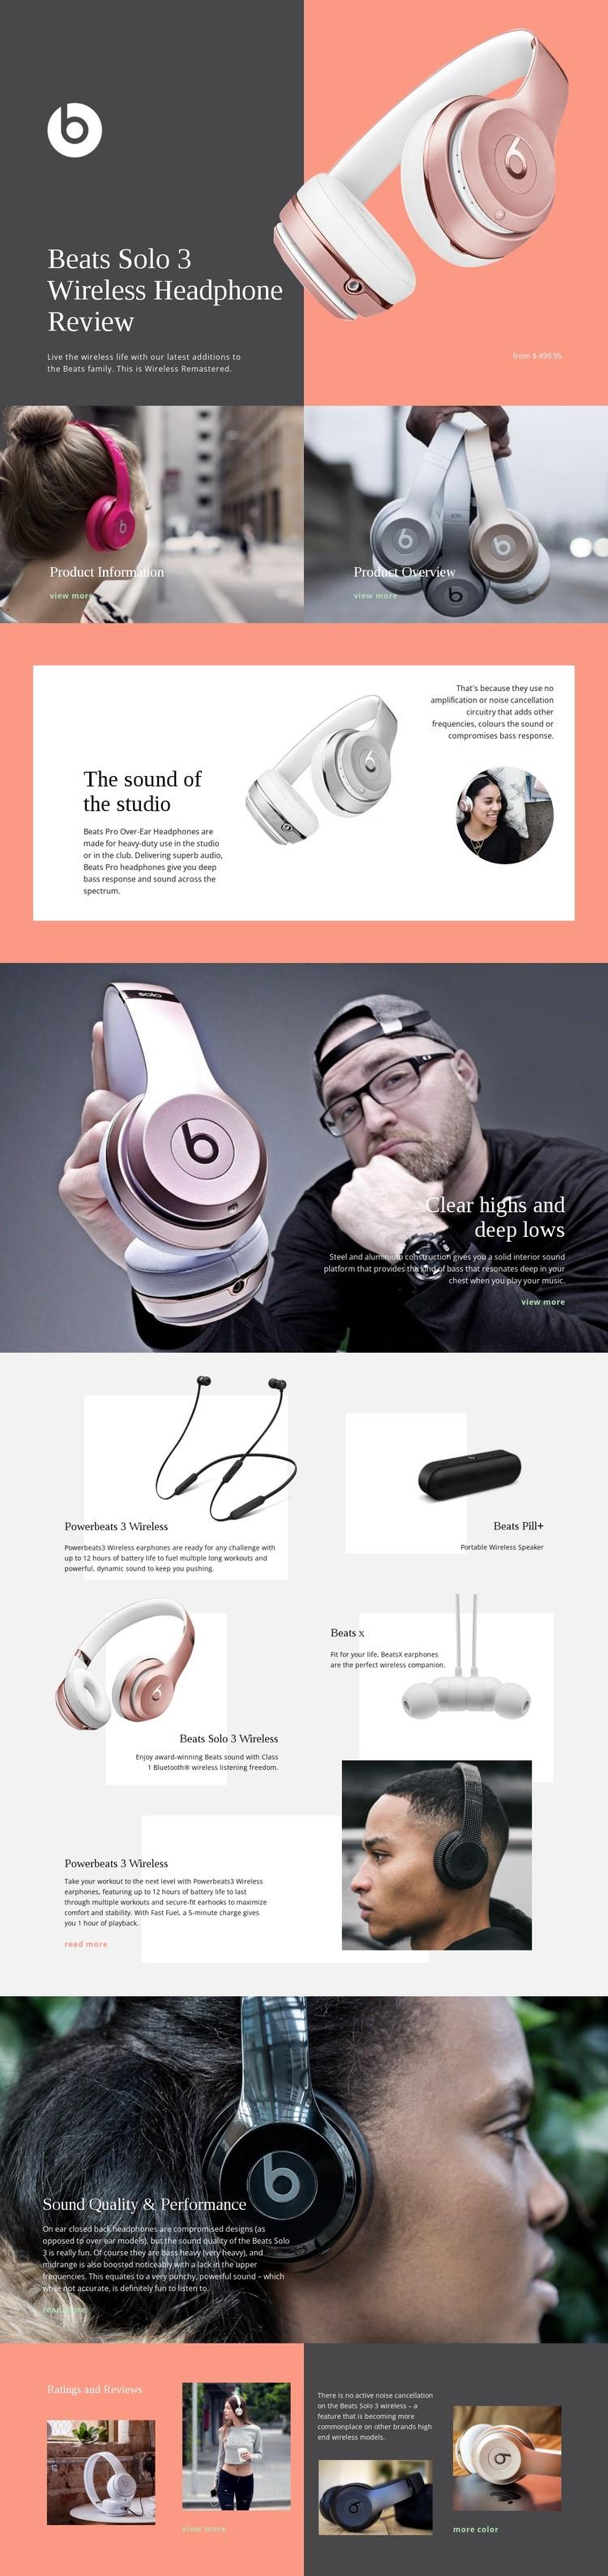 Beats Wireless CSS Template